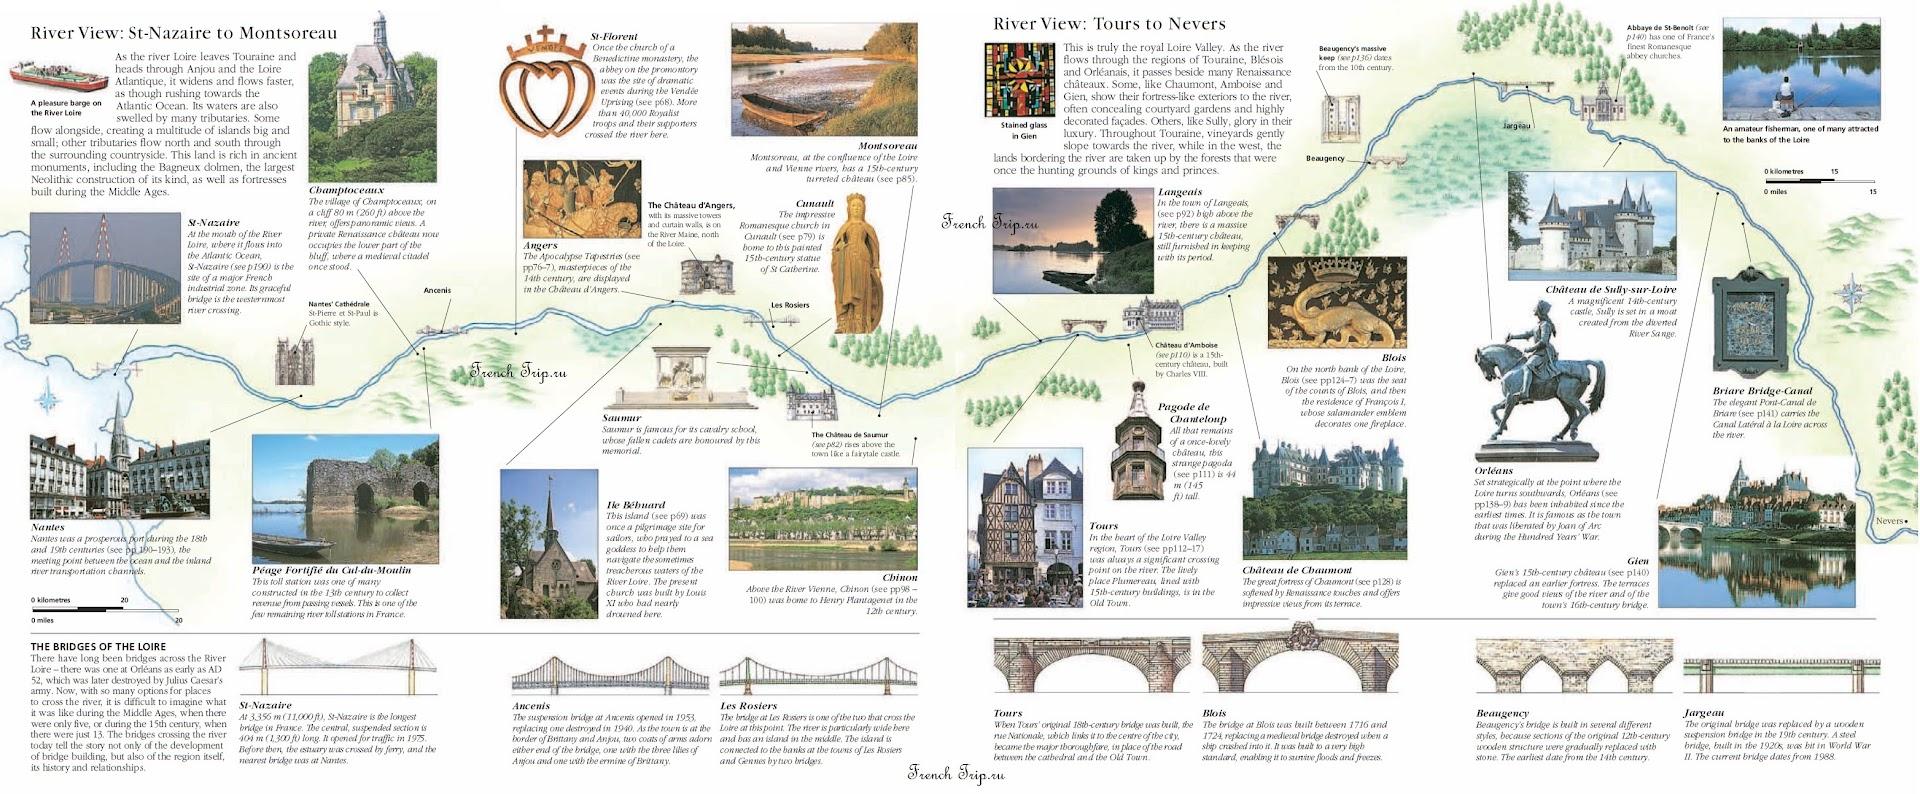 Долина Луары - достопримечательности долины Луары на карте